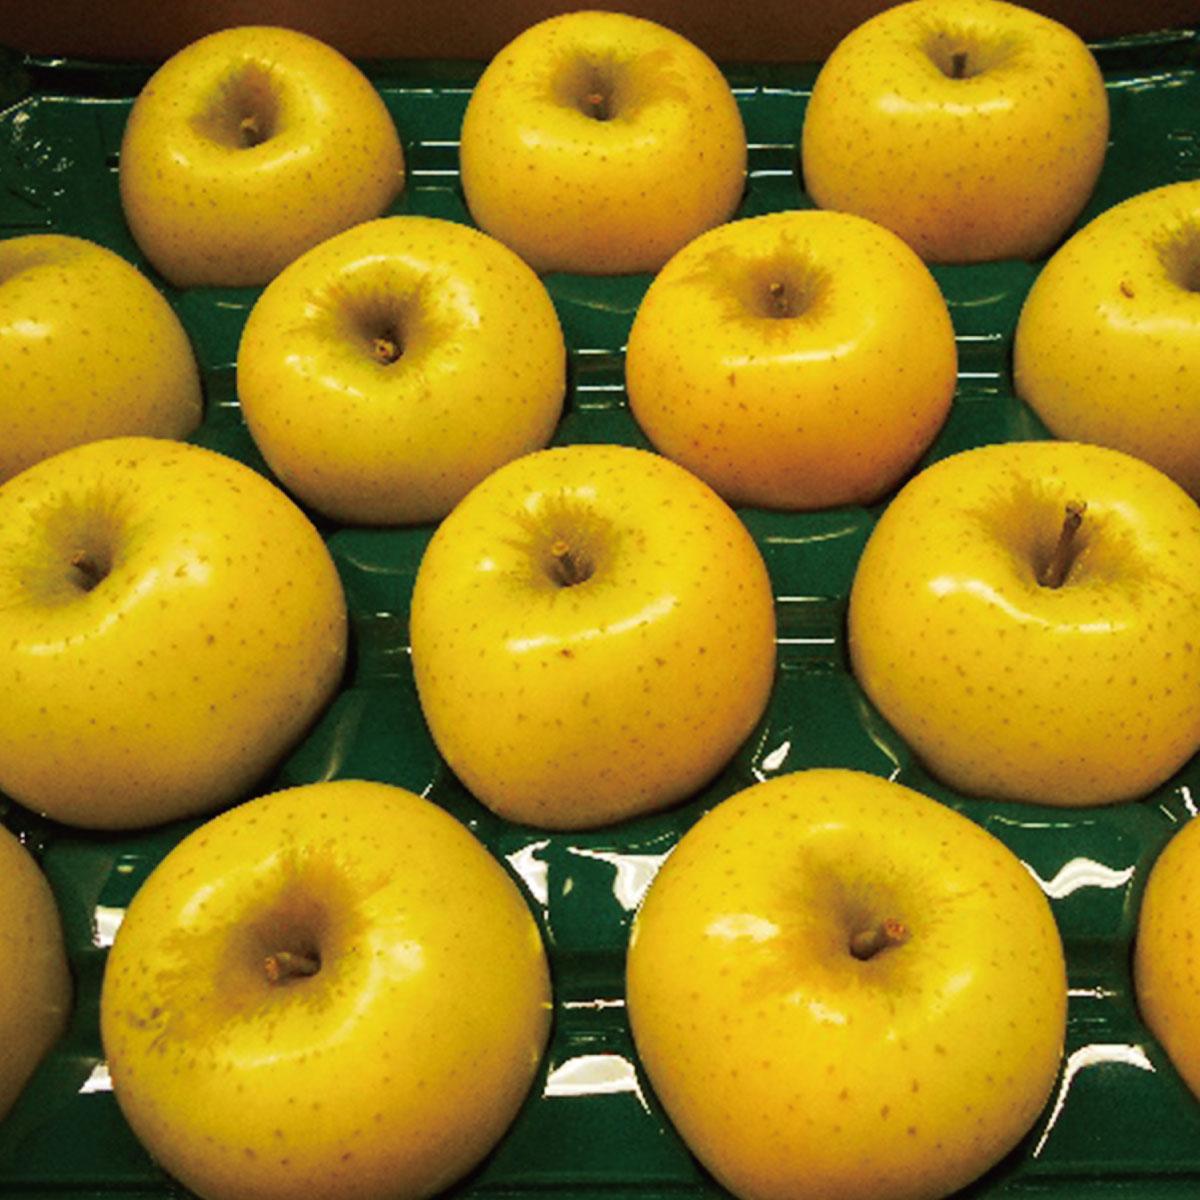 【ふるさと納税】【先行予約】≪10月上旬~順次発送≫朝採りシナノゴールド(林檎) 5kg【果物類・フルーツ・りんご・リンゴ】